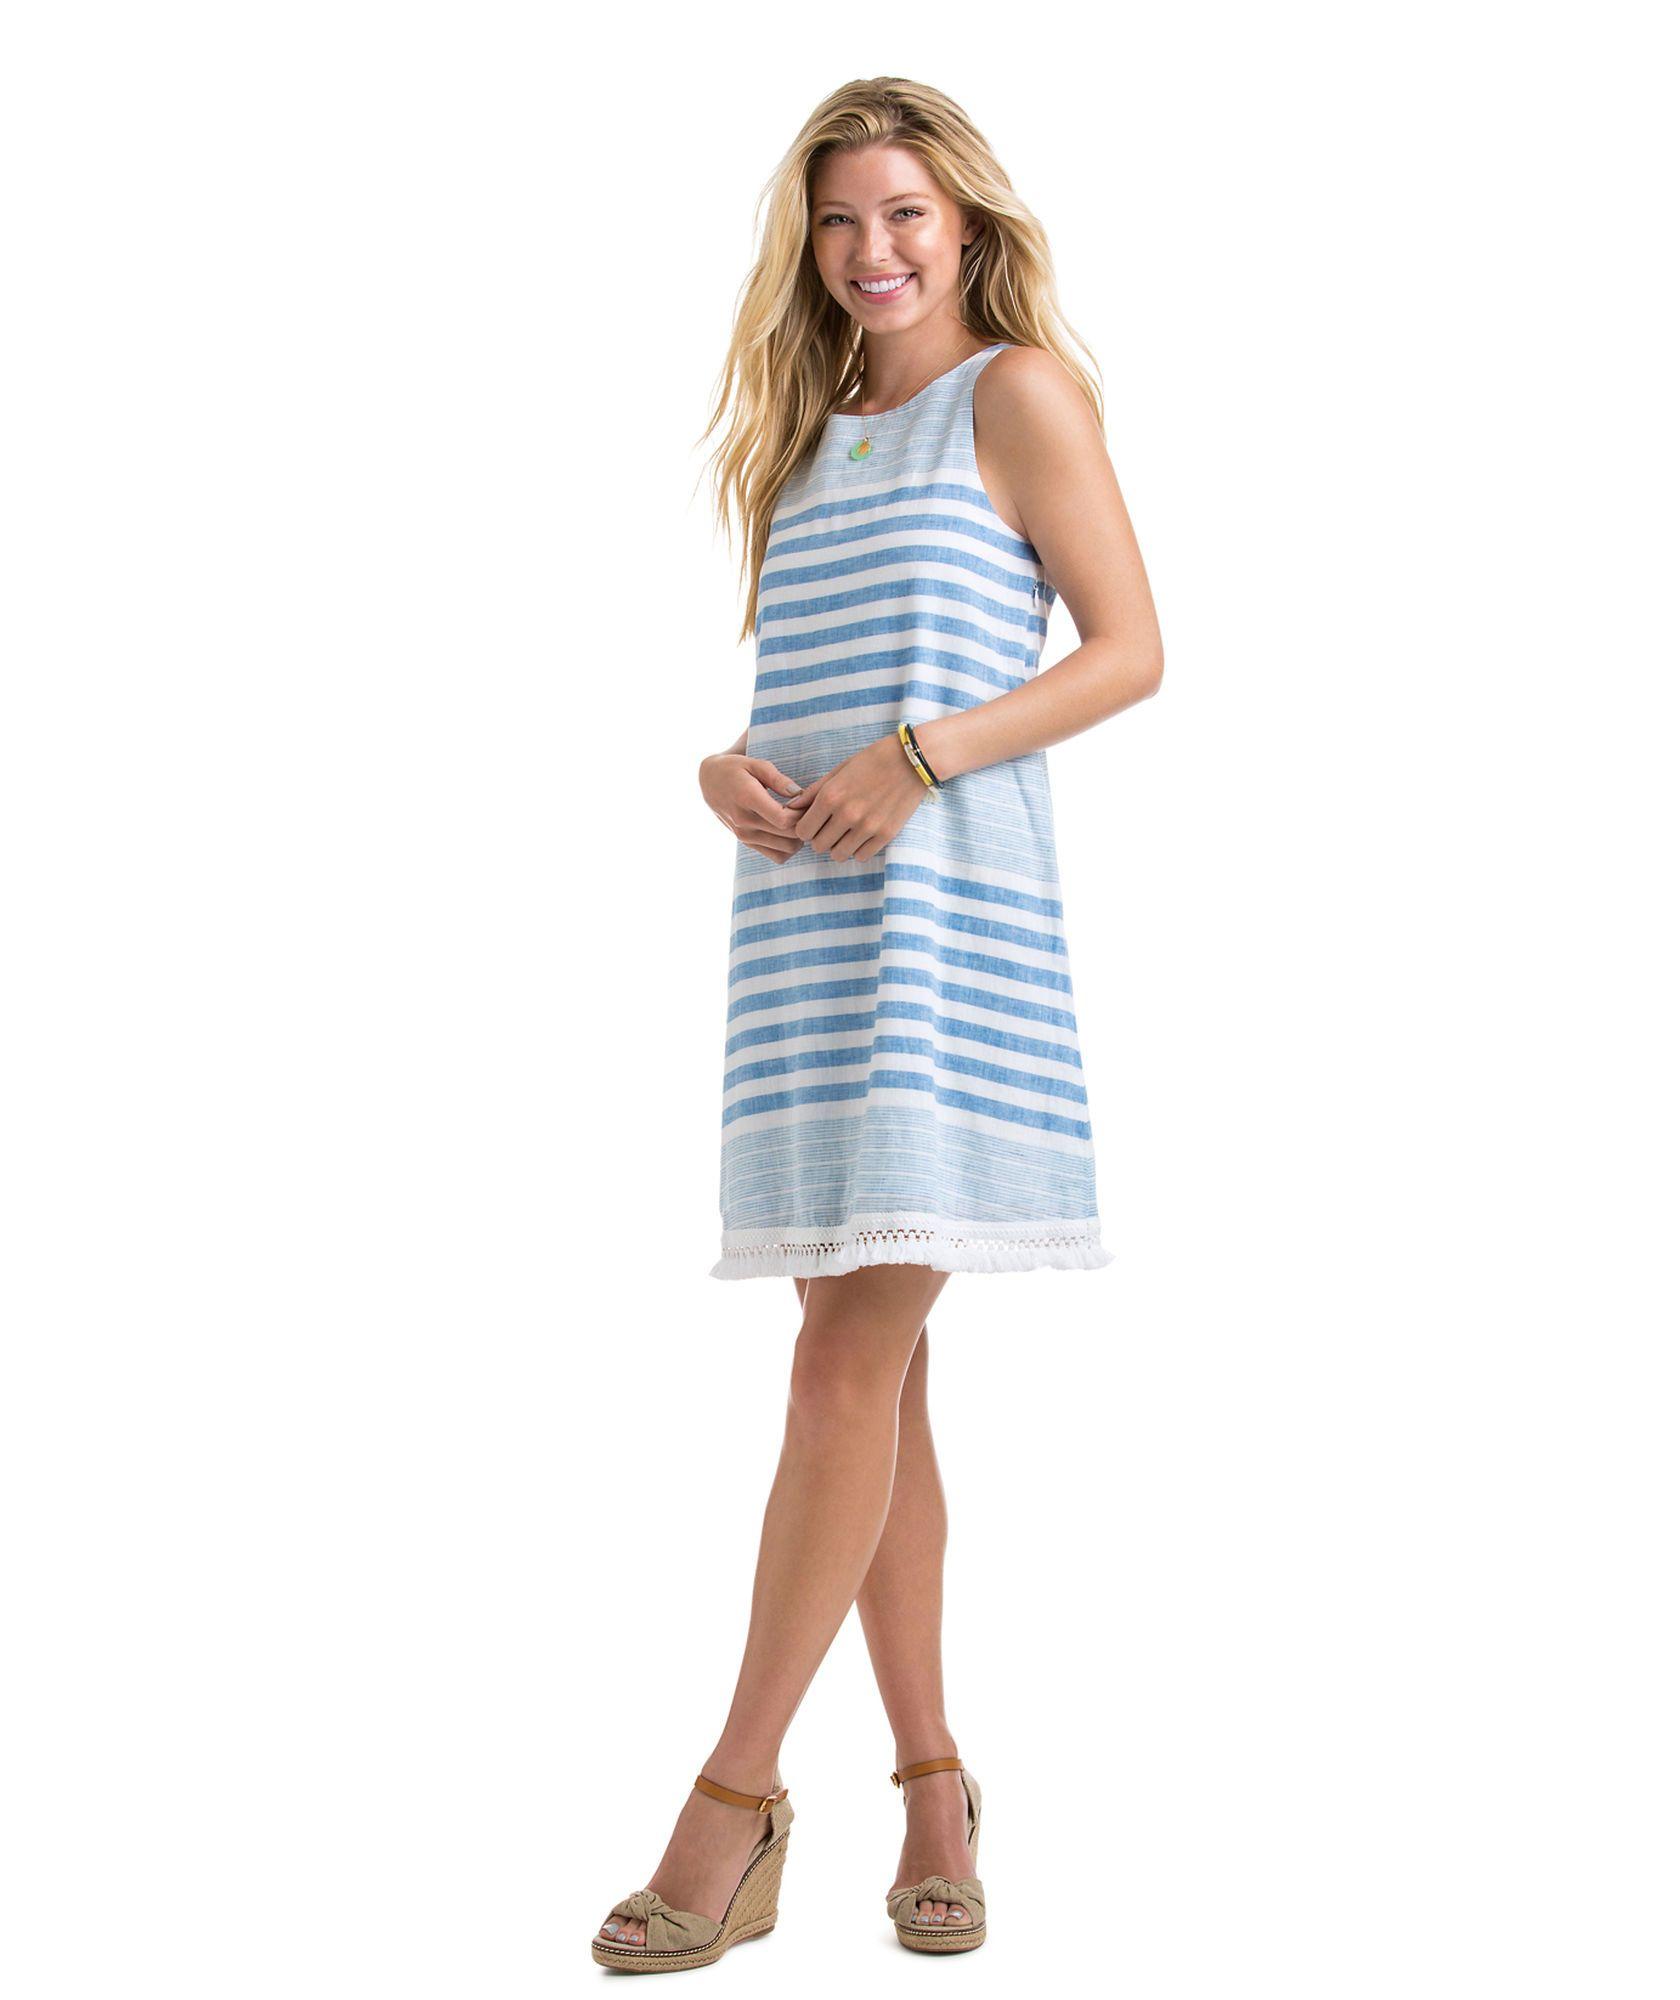 Vineyard Stripe Dress Womens Dresses Dresses Striped Dress [ 2000 x 1680 Pixel ]